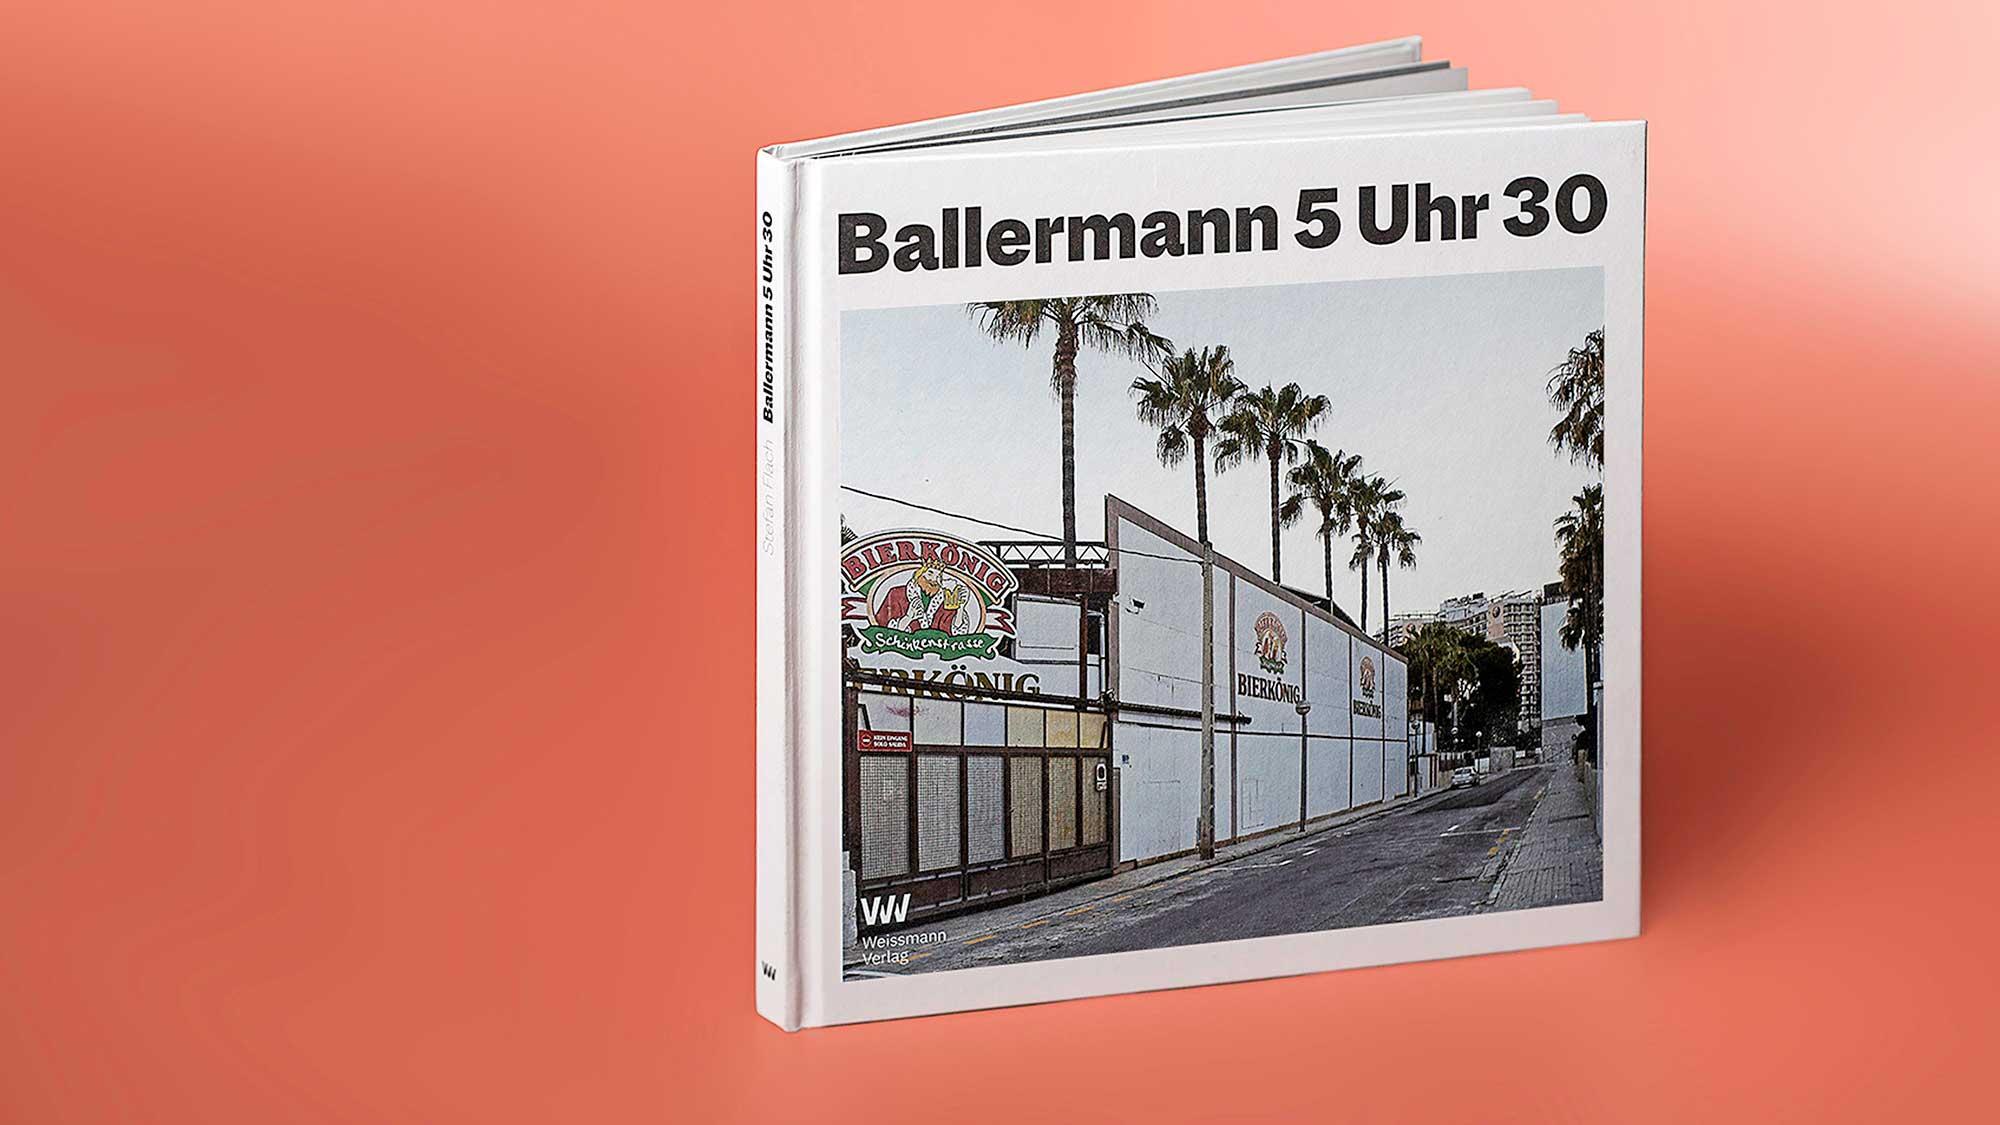 Ballermann 5.30 Uhr